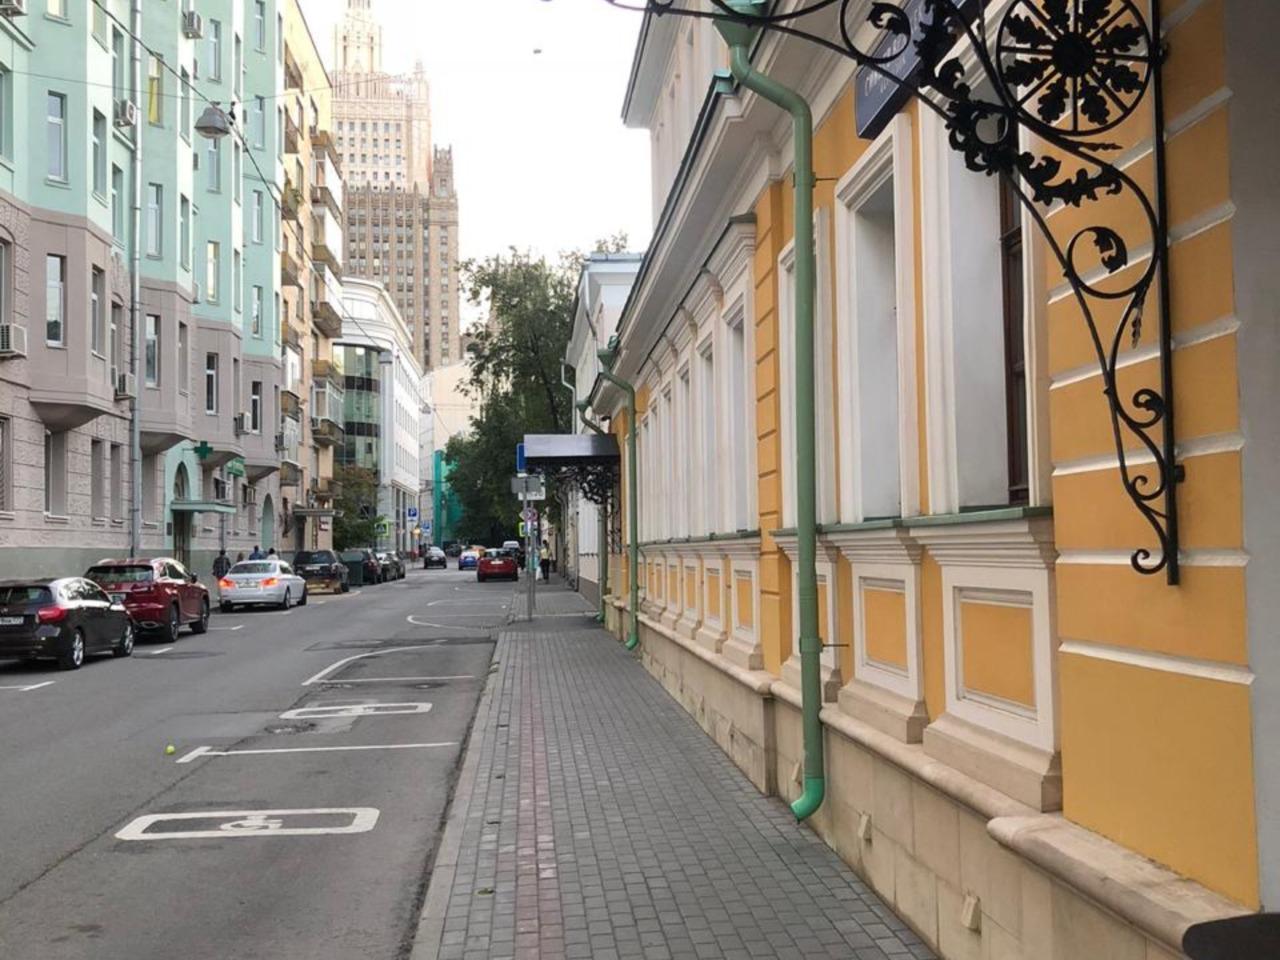 В гости к Мироновым по переулкам Старого Арбата - групповая экскурсия по Москве от опытного гида